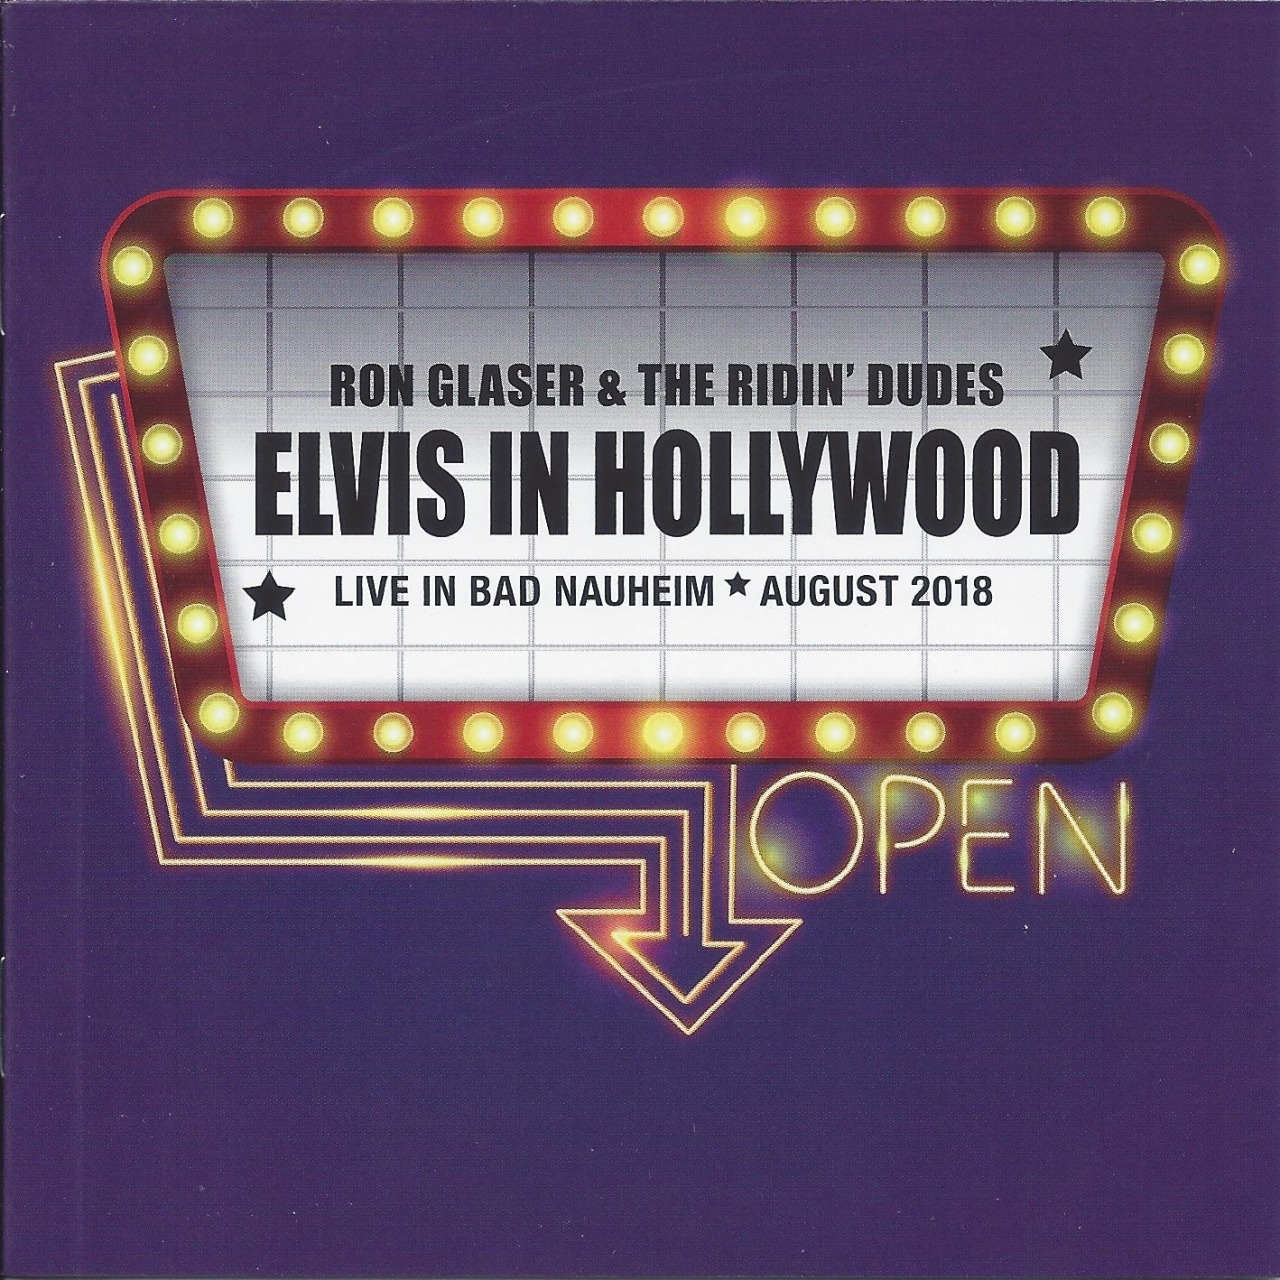 Elvis in Hollywood - Die Live-Show vom EUROPEAN ELVIS FESTIVAL 2018 in Bad Nauheim. Mit RON GLASER & THE RIDIN´ DUDES 29 Songs aus den Filmen von Elvis... Live gespielt !!!